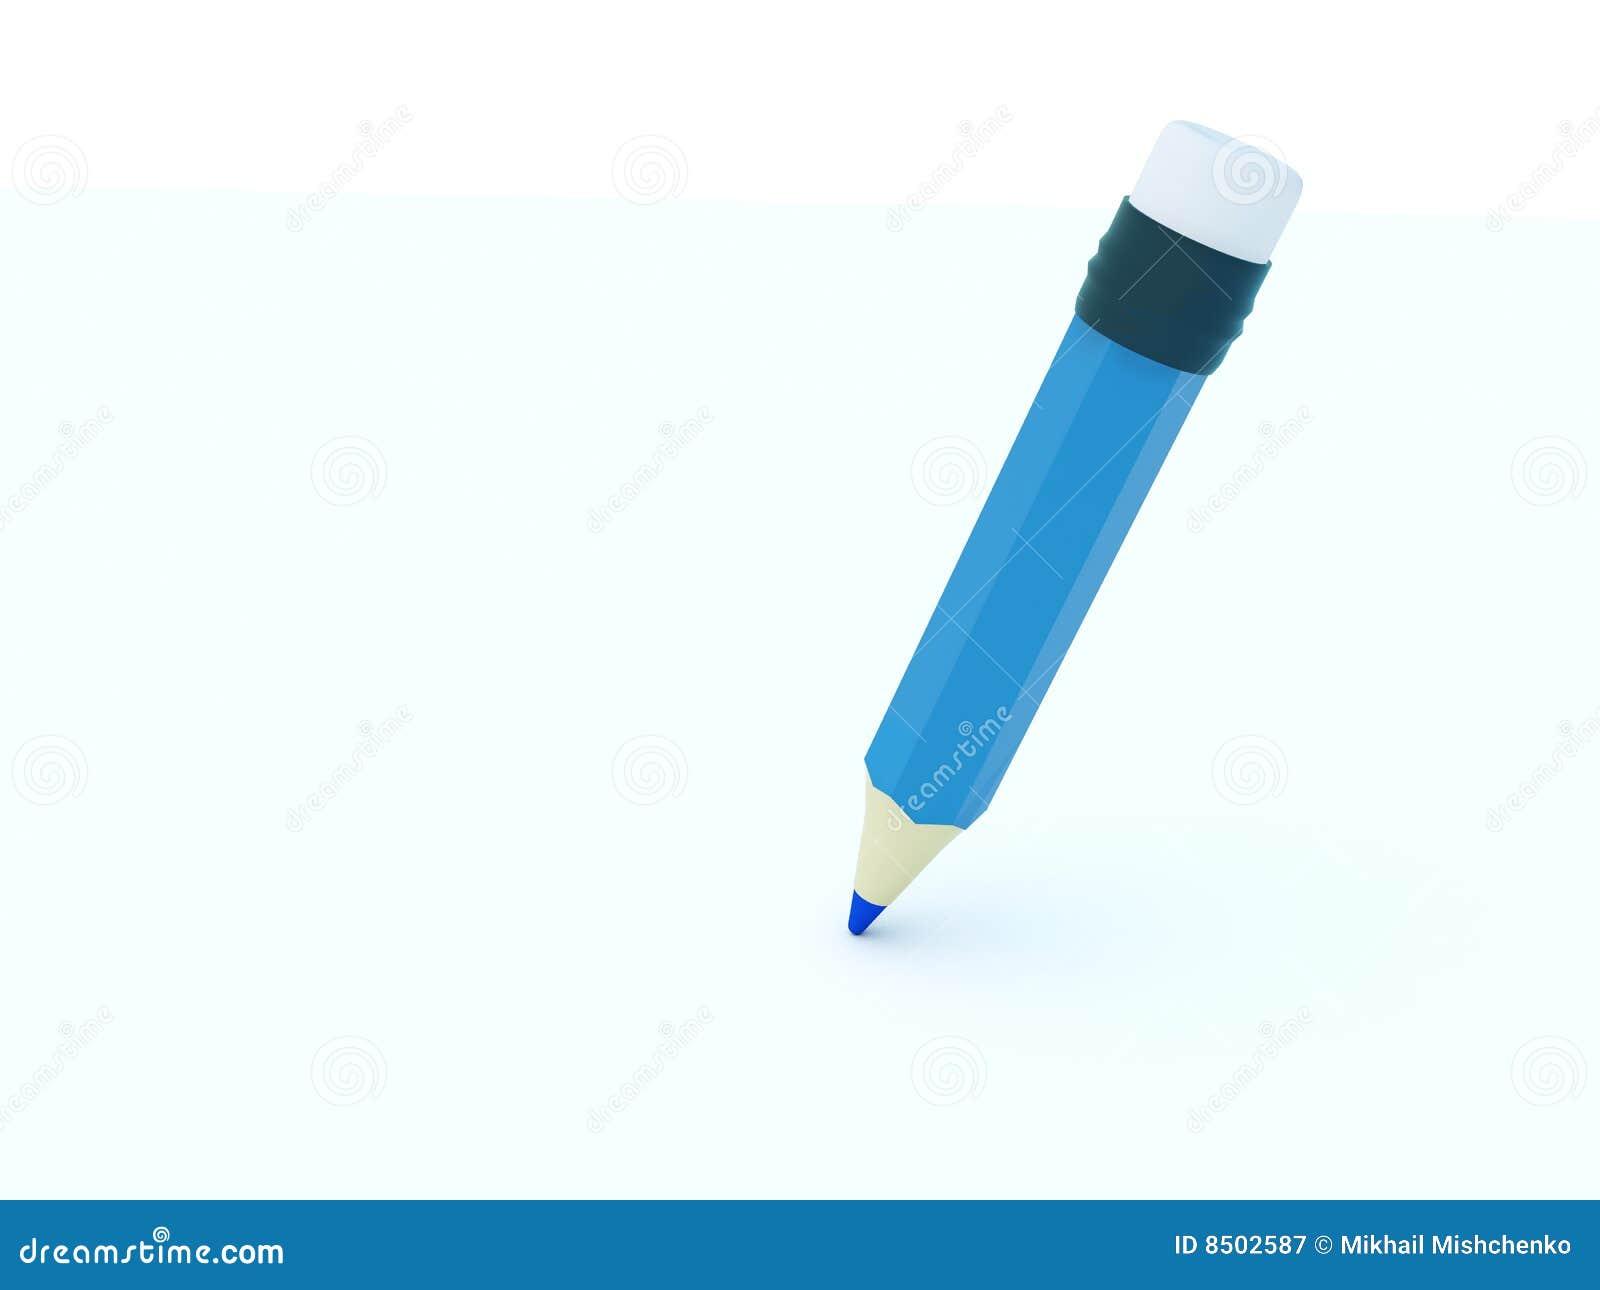 Pencil Paper Icon Blue pencil icon